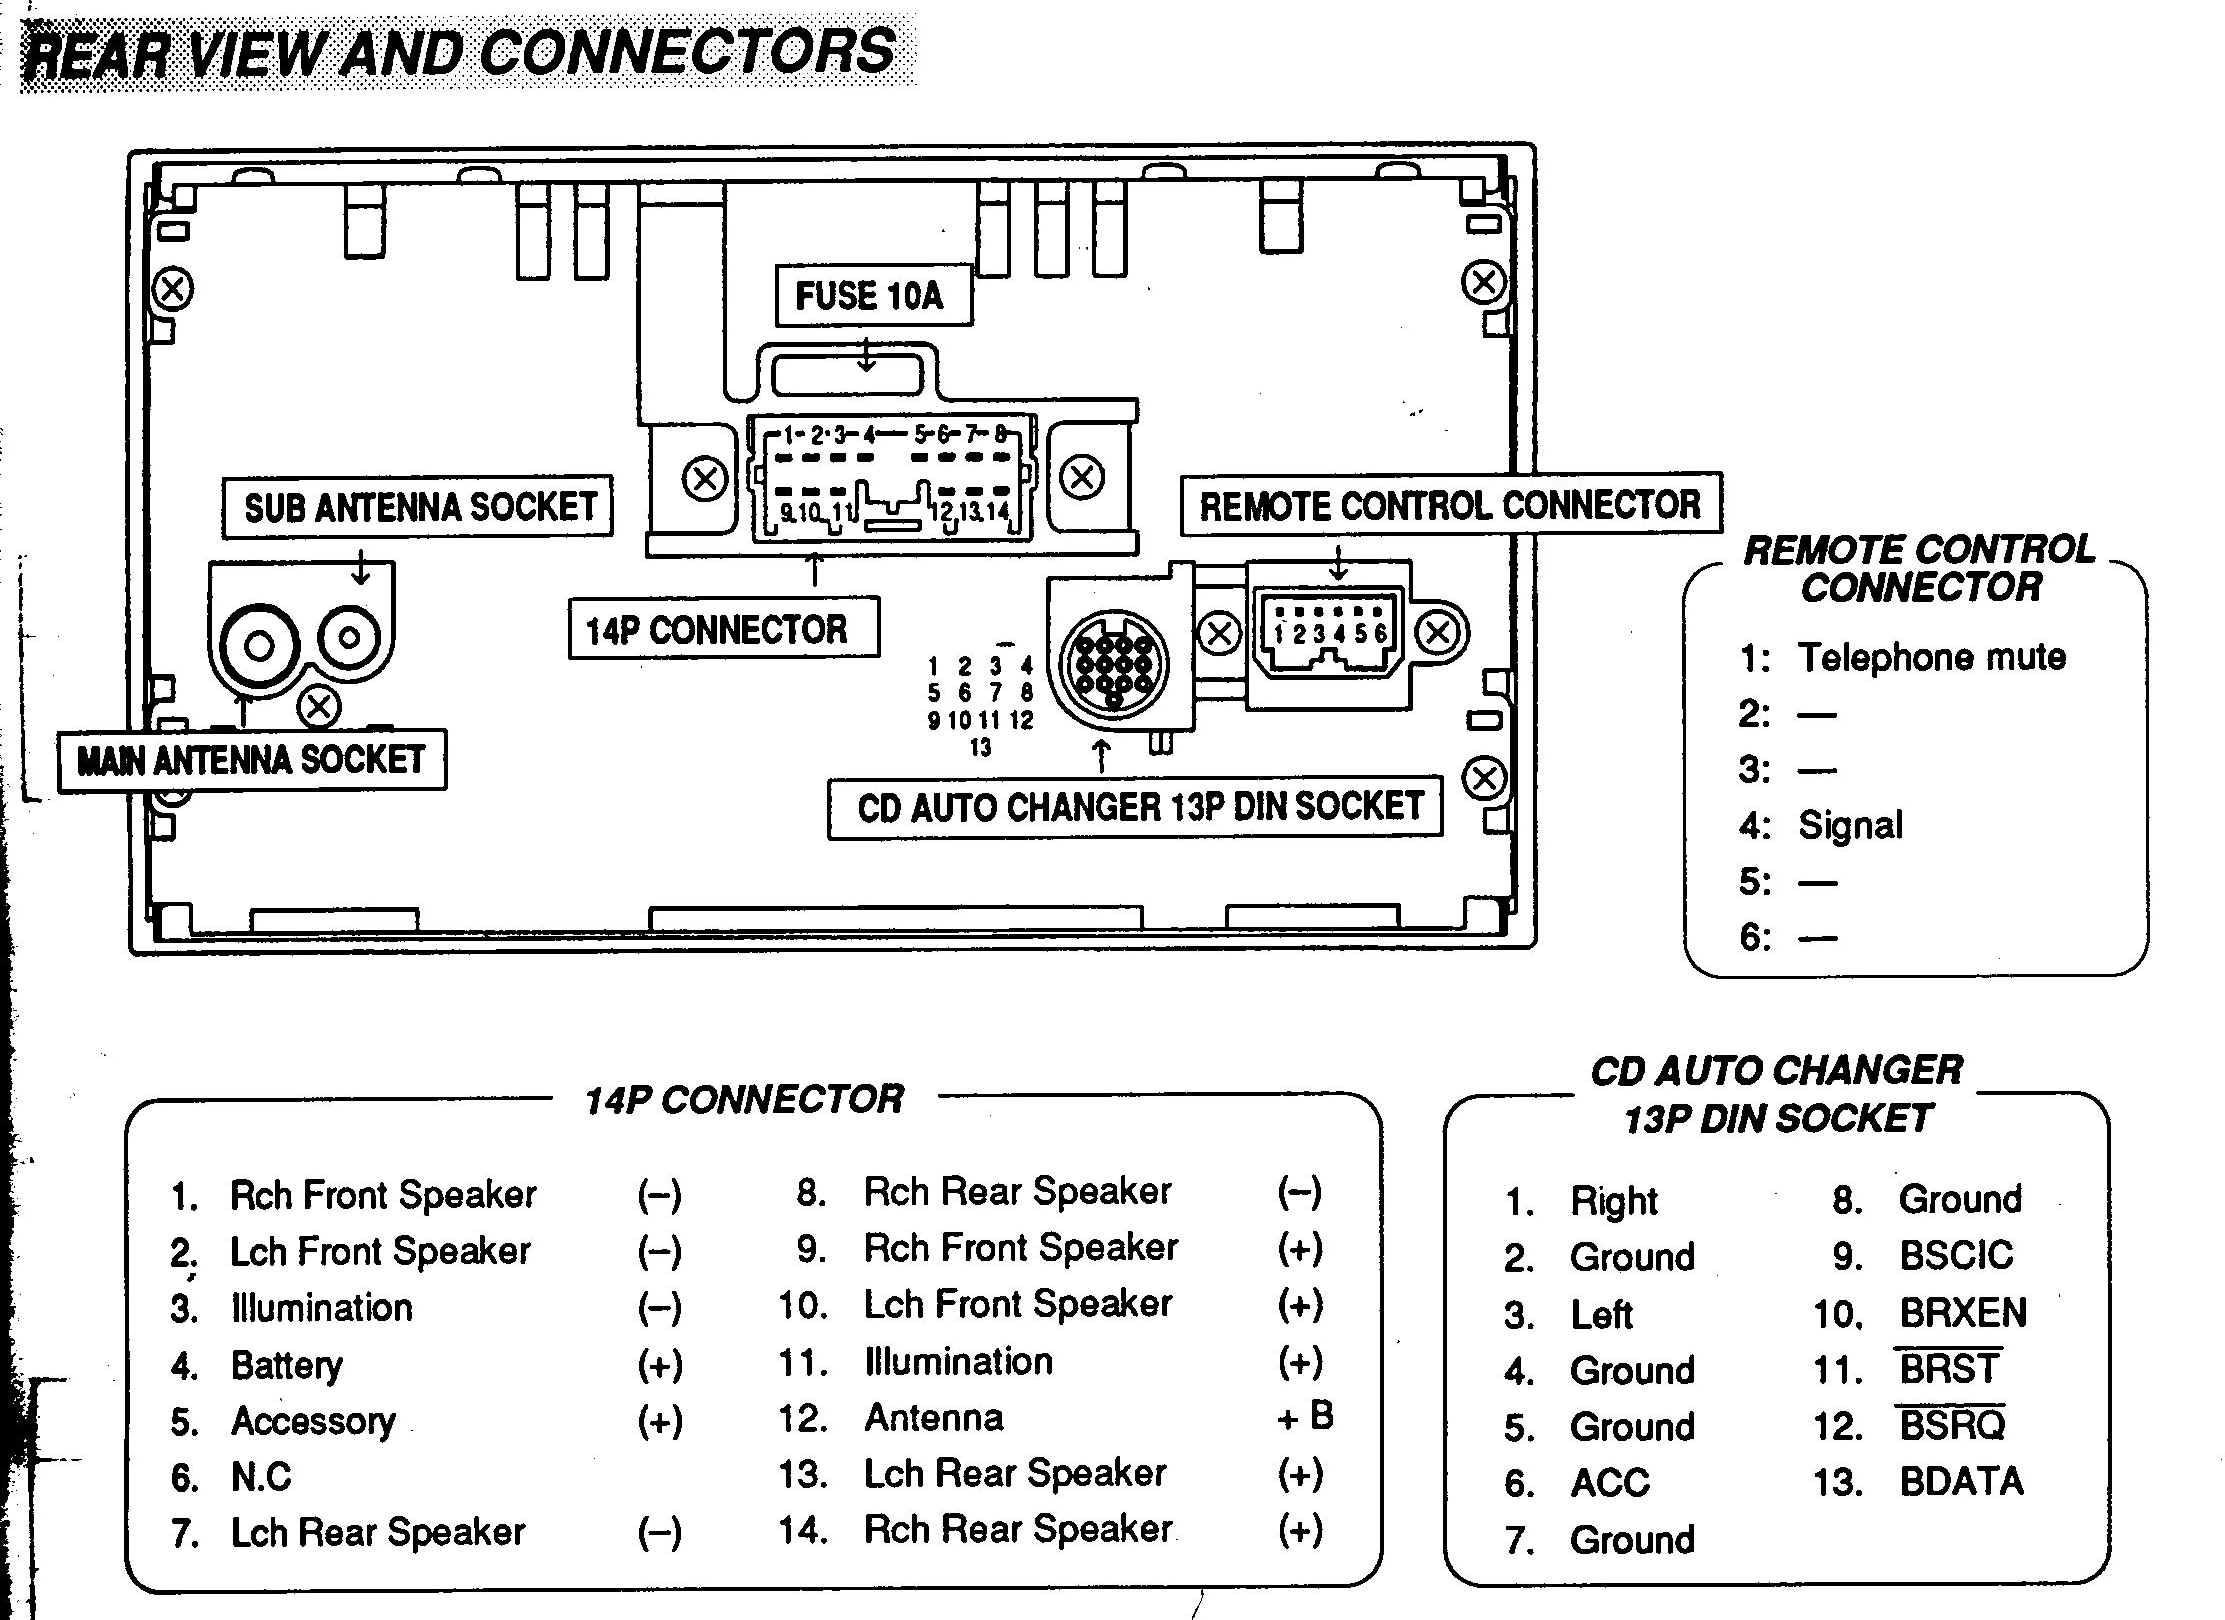 Saab 93 Stereo Wiring 0f7da56 Mitsubishi Evo 5 Wiring Diagram Of Saab 93 Stereo Wiring